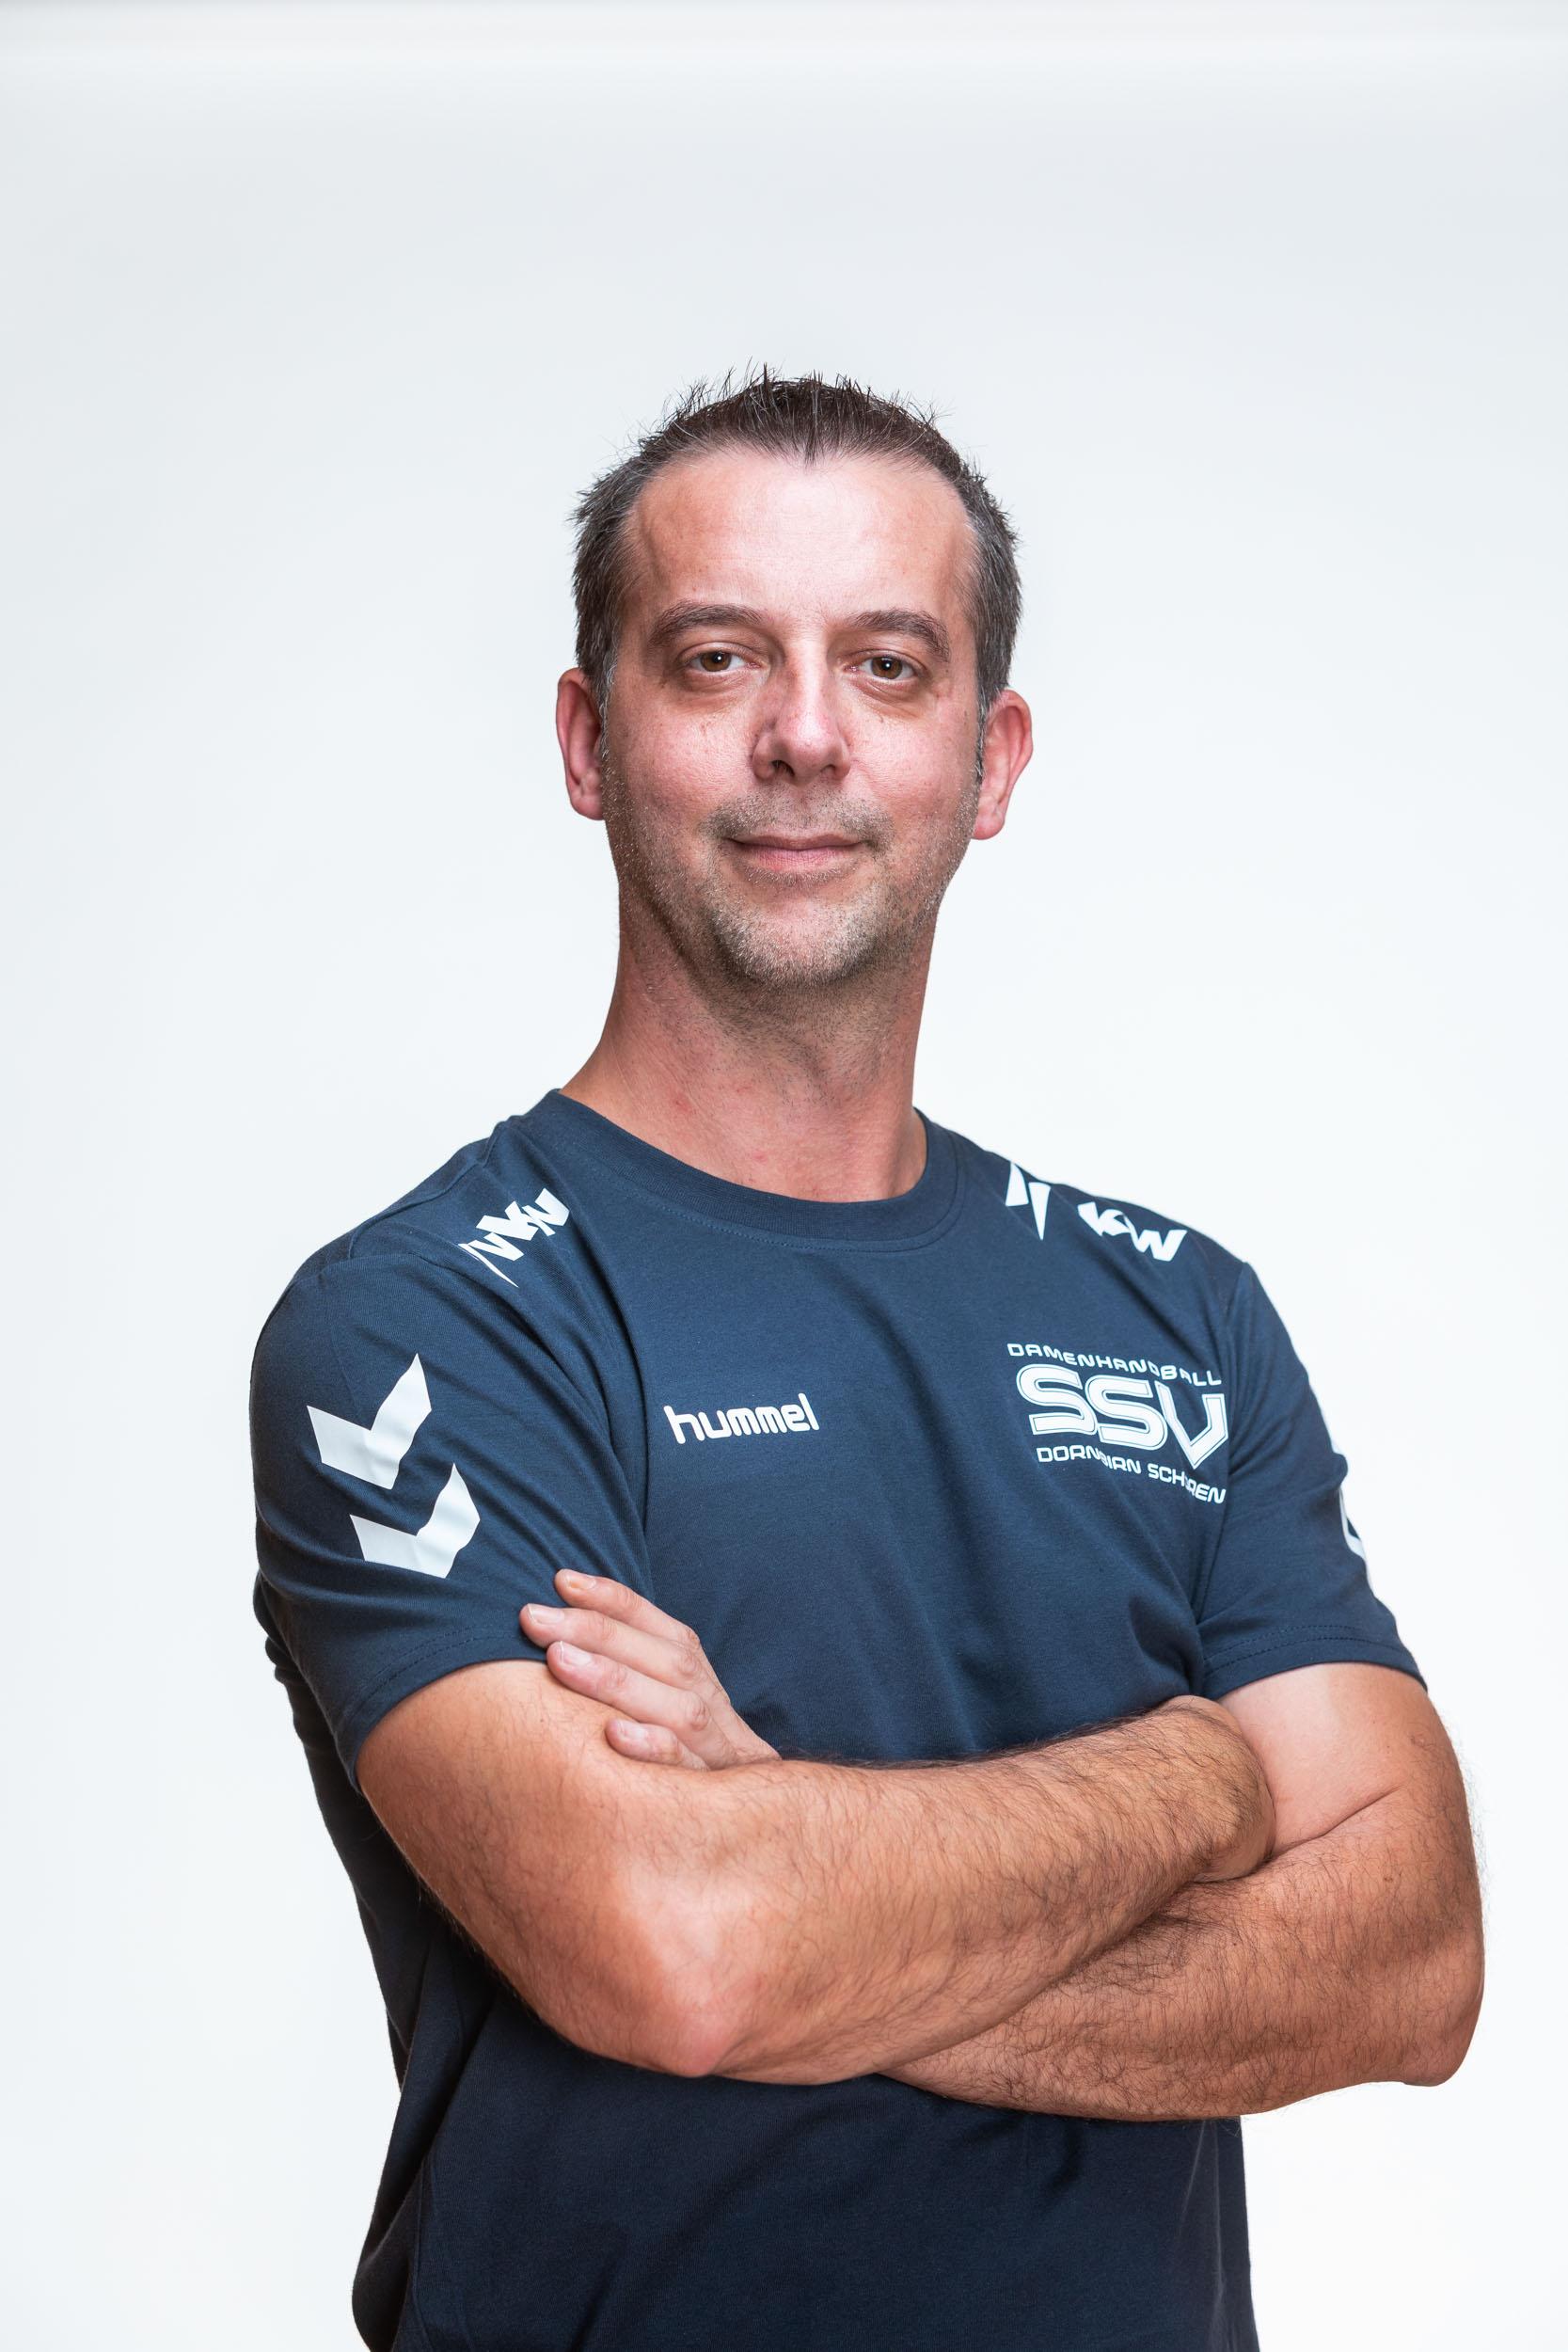 Emanuel Ditzer